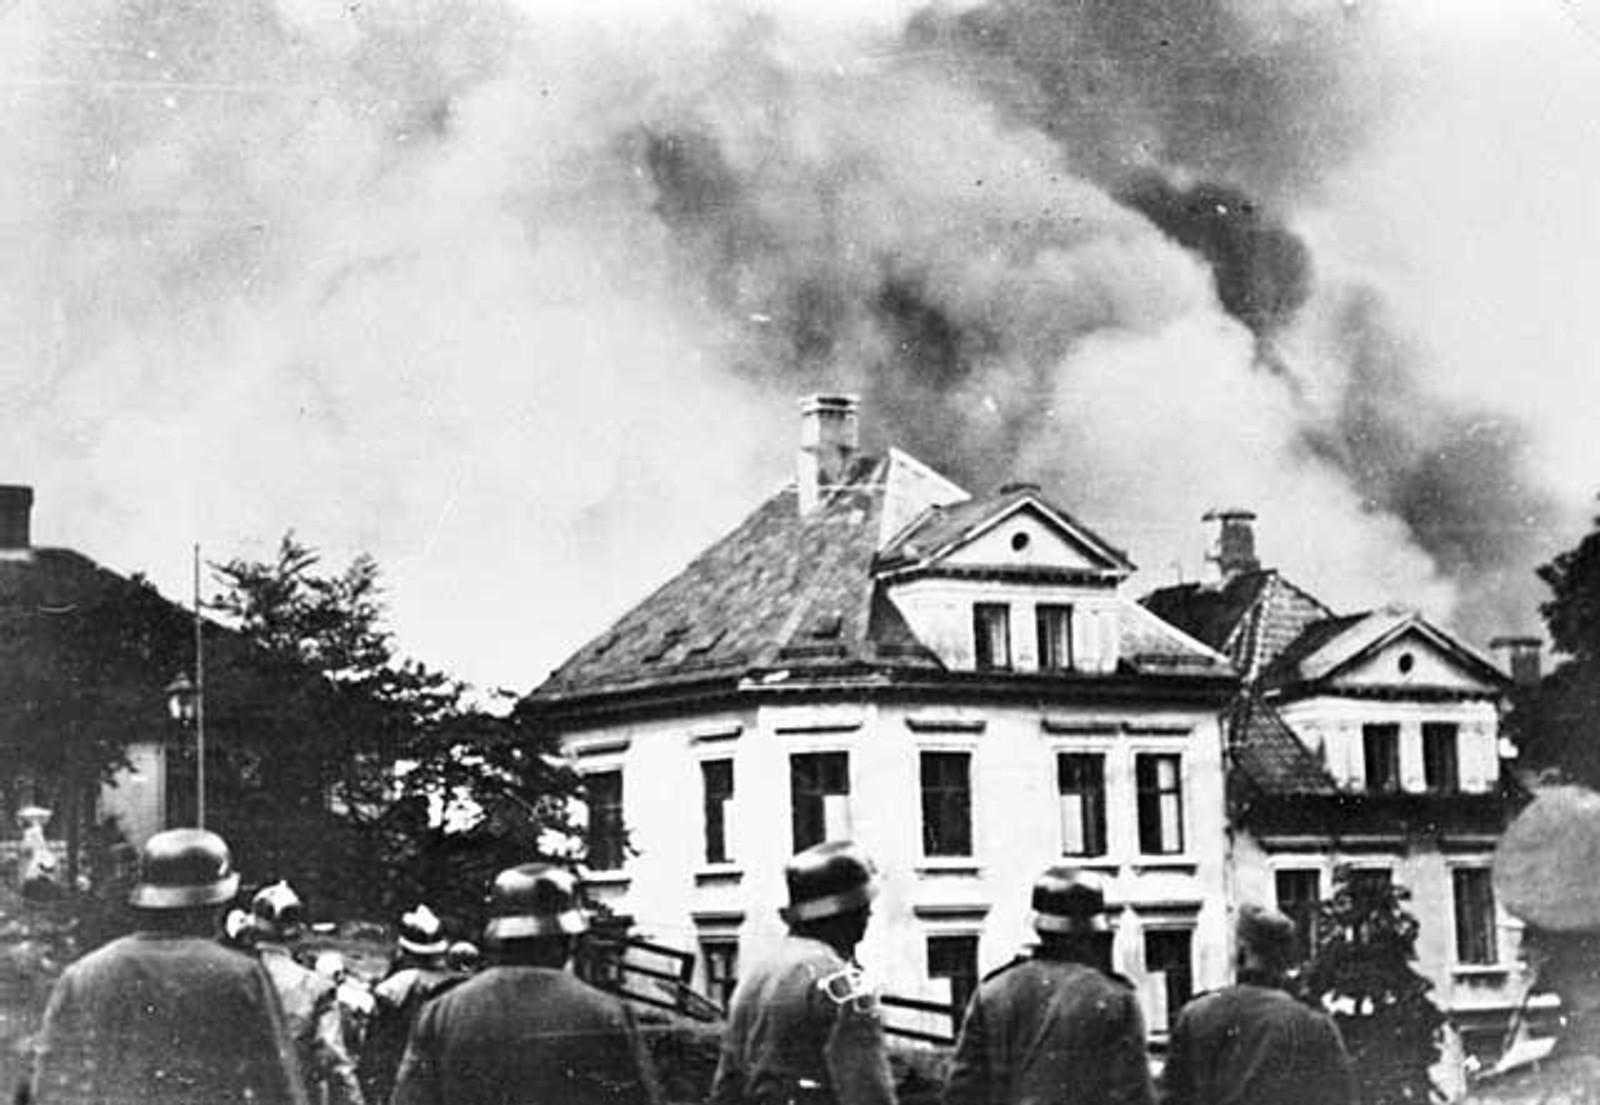 BOMBING: Tyske soldater ser på hus som står i brann etter bombeangrep.